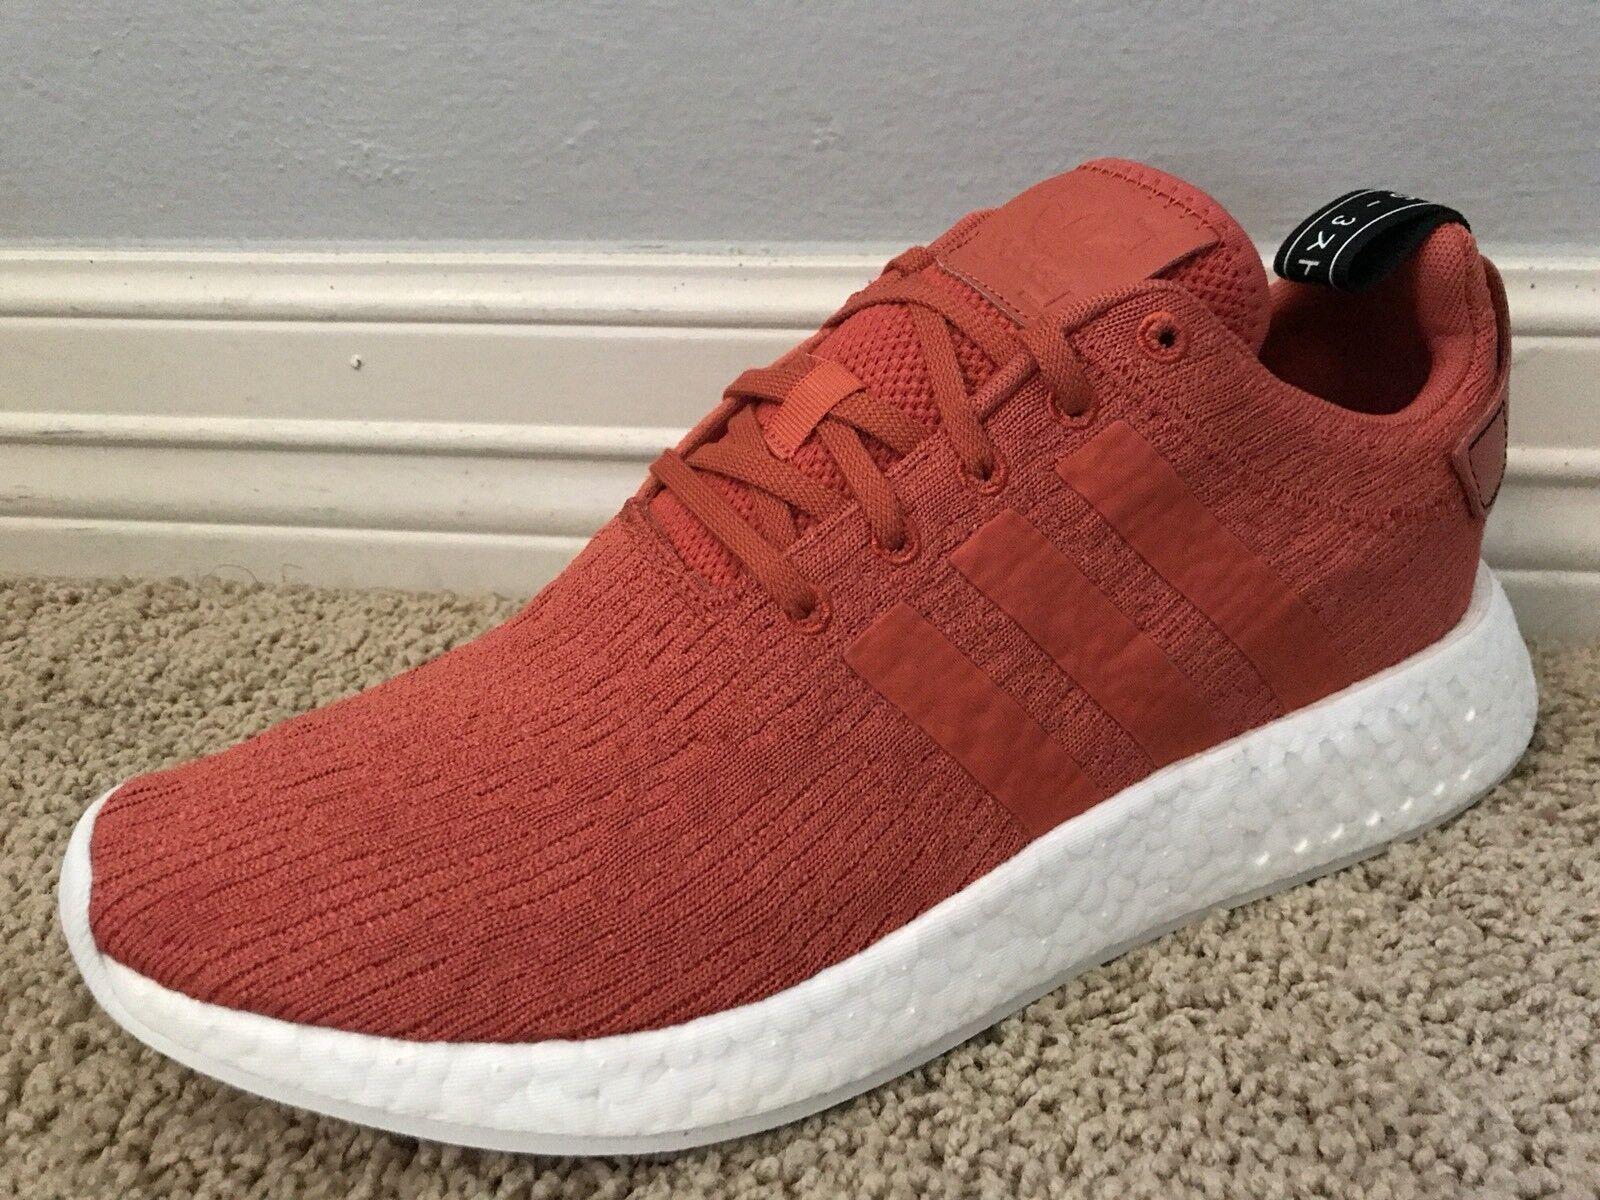 New in box männer adidas nmd r2 zukünftige sz. ernte orangen Turnschuhe schuhe sz. zukünftige a6feb5